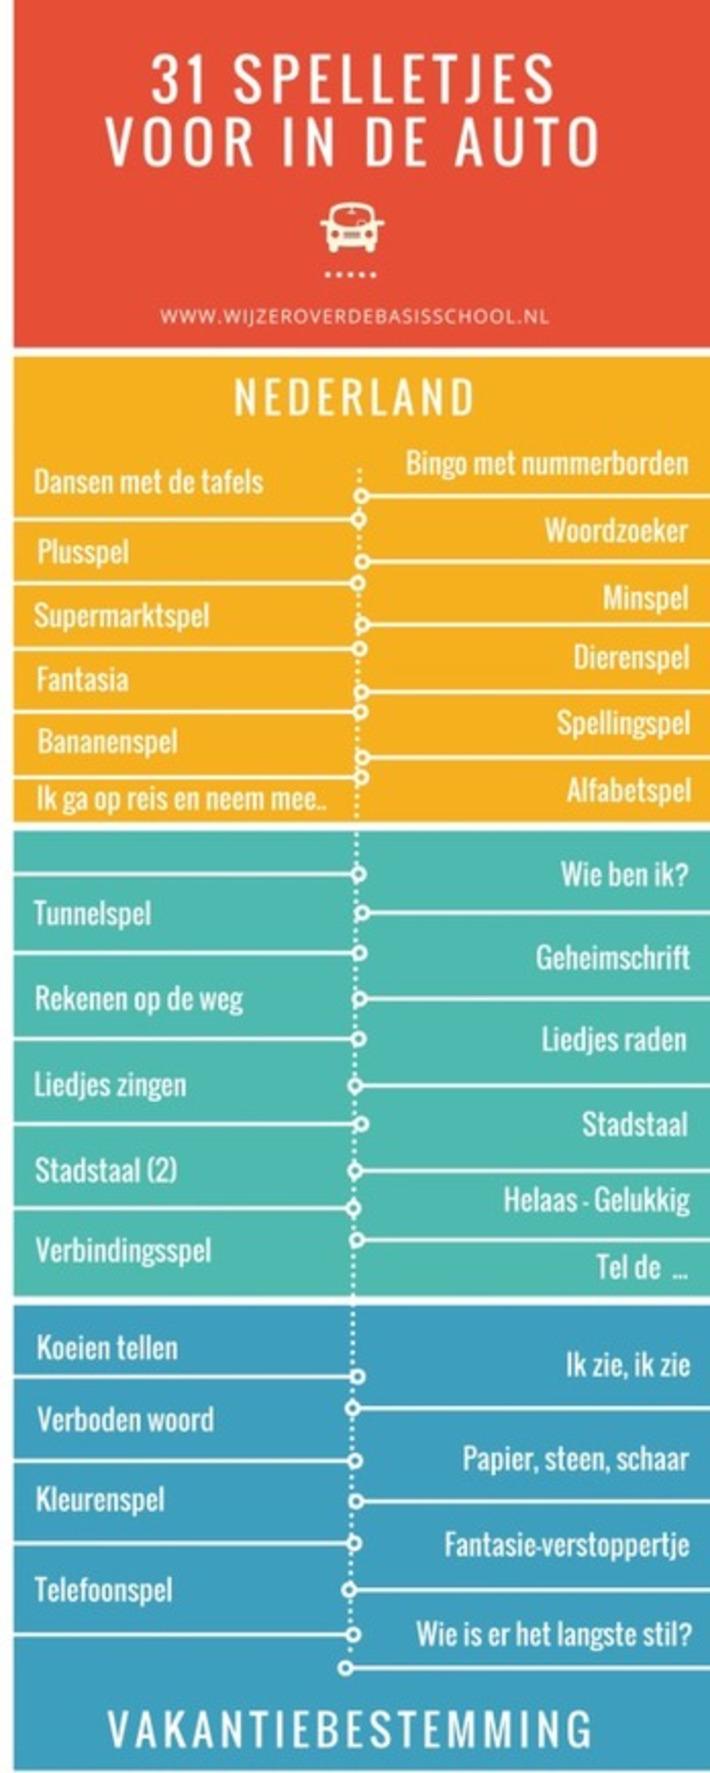 WijzeroverdeBasisschool.nl: '31 leerzame spelletjes voor in de auto' | Educatief Internet - Gespot op 't Web | Scoop.it